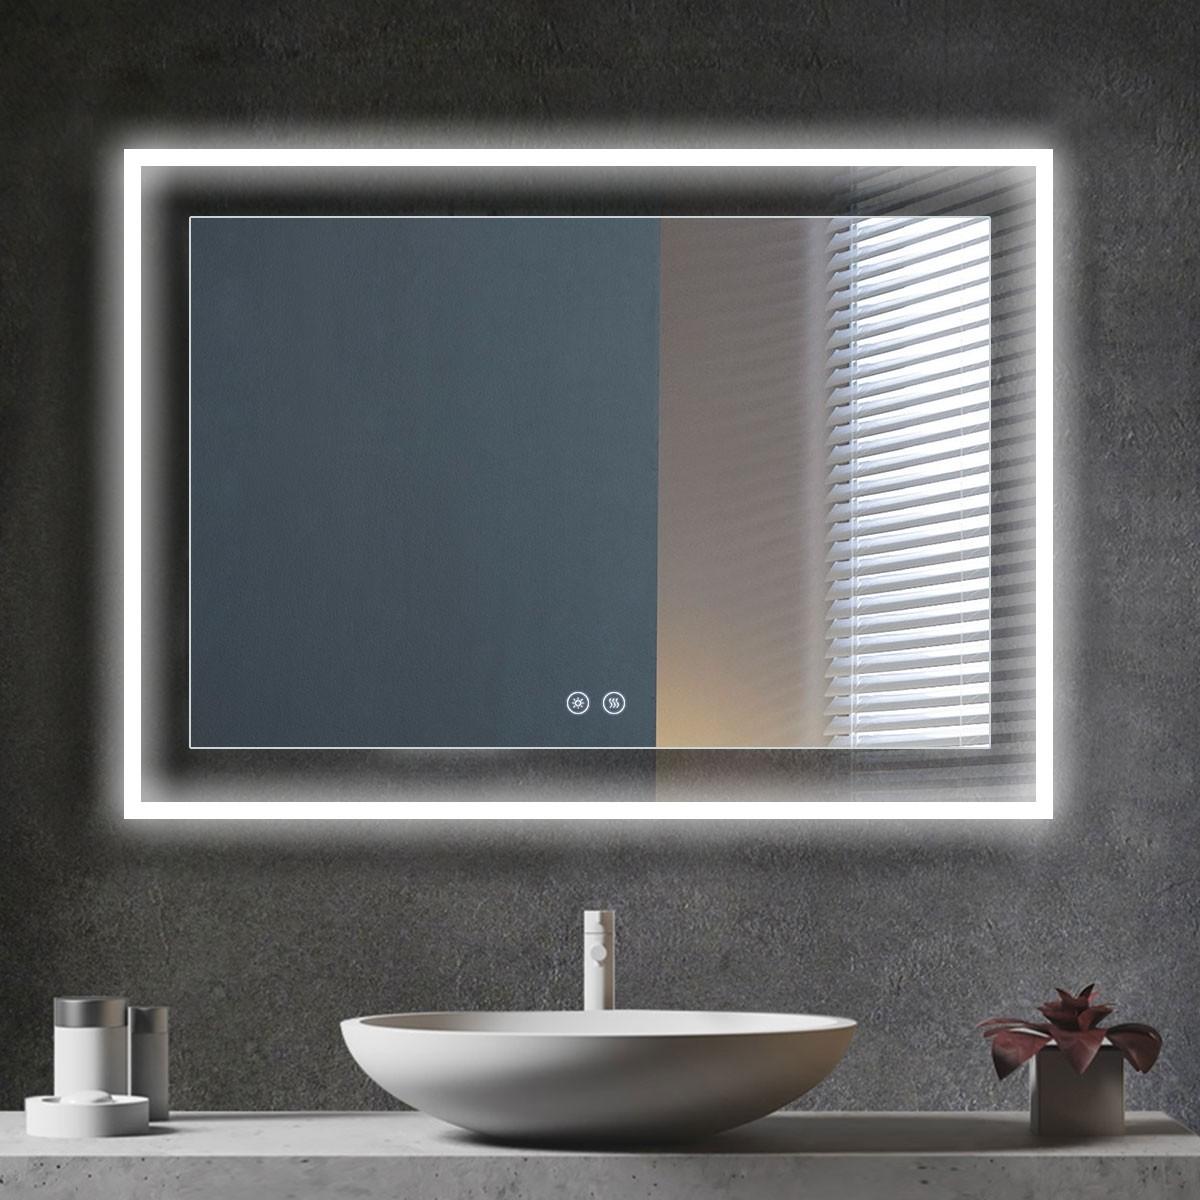 DECORAPORT 48 x 36 Po Miroir de Salle de Bain LED avec Bouton Tactile, Anti-Buée, Luminosité Réglable, Bluetooth, Montage Vertical & Horizontal (D323-4836A)